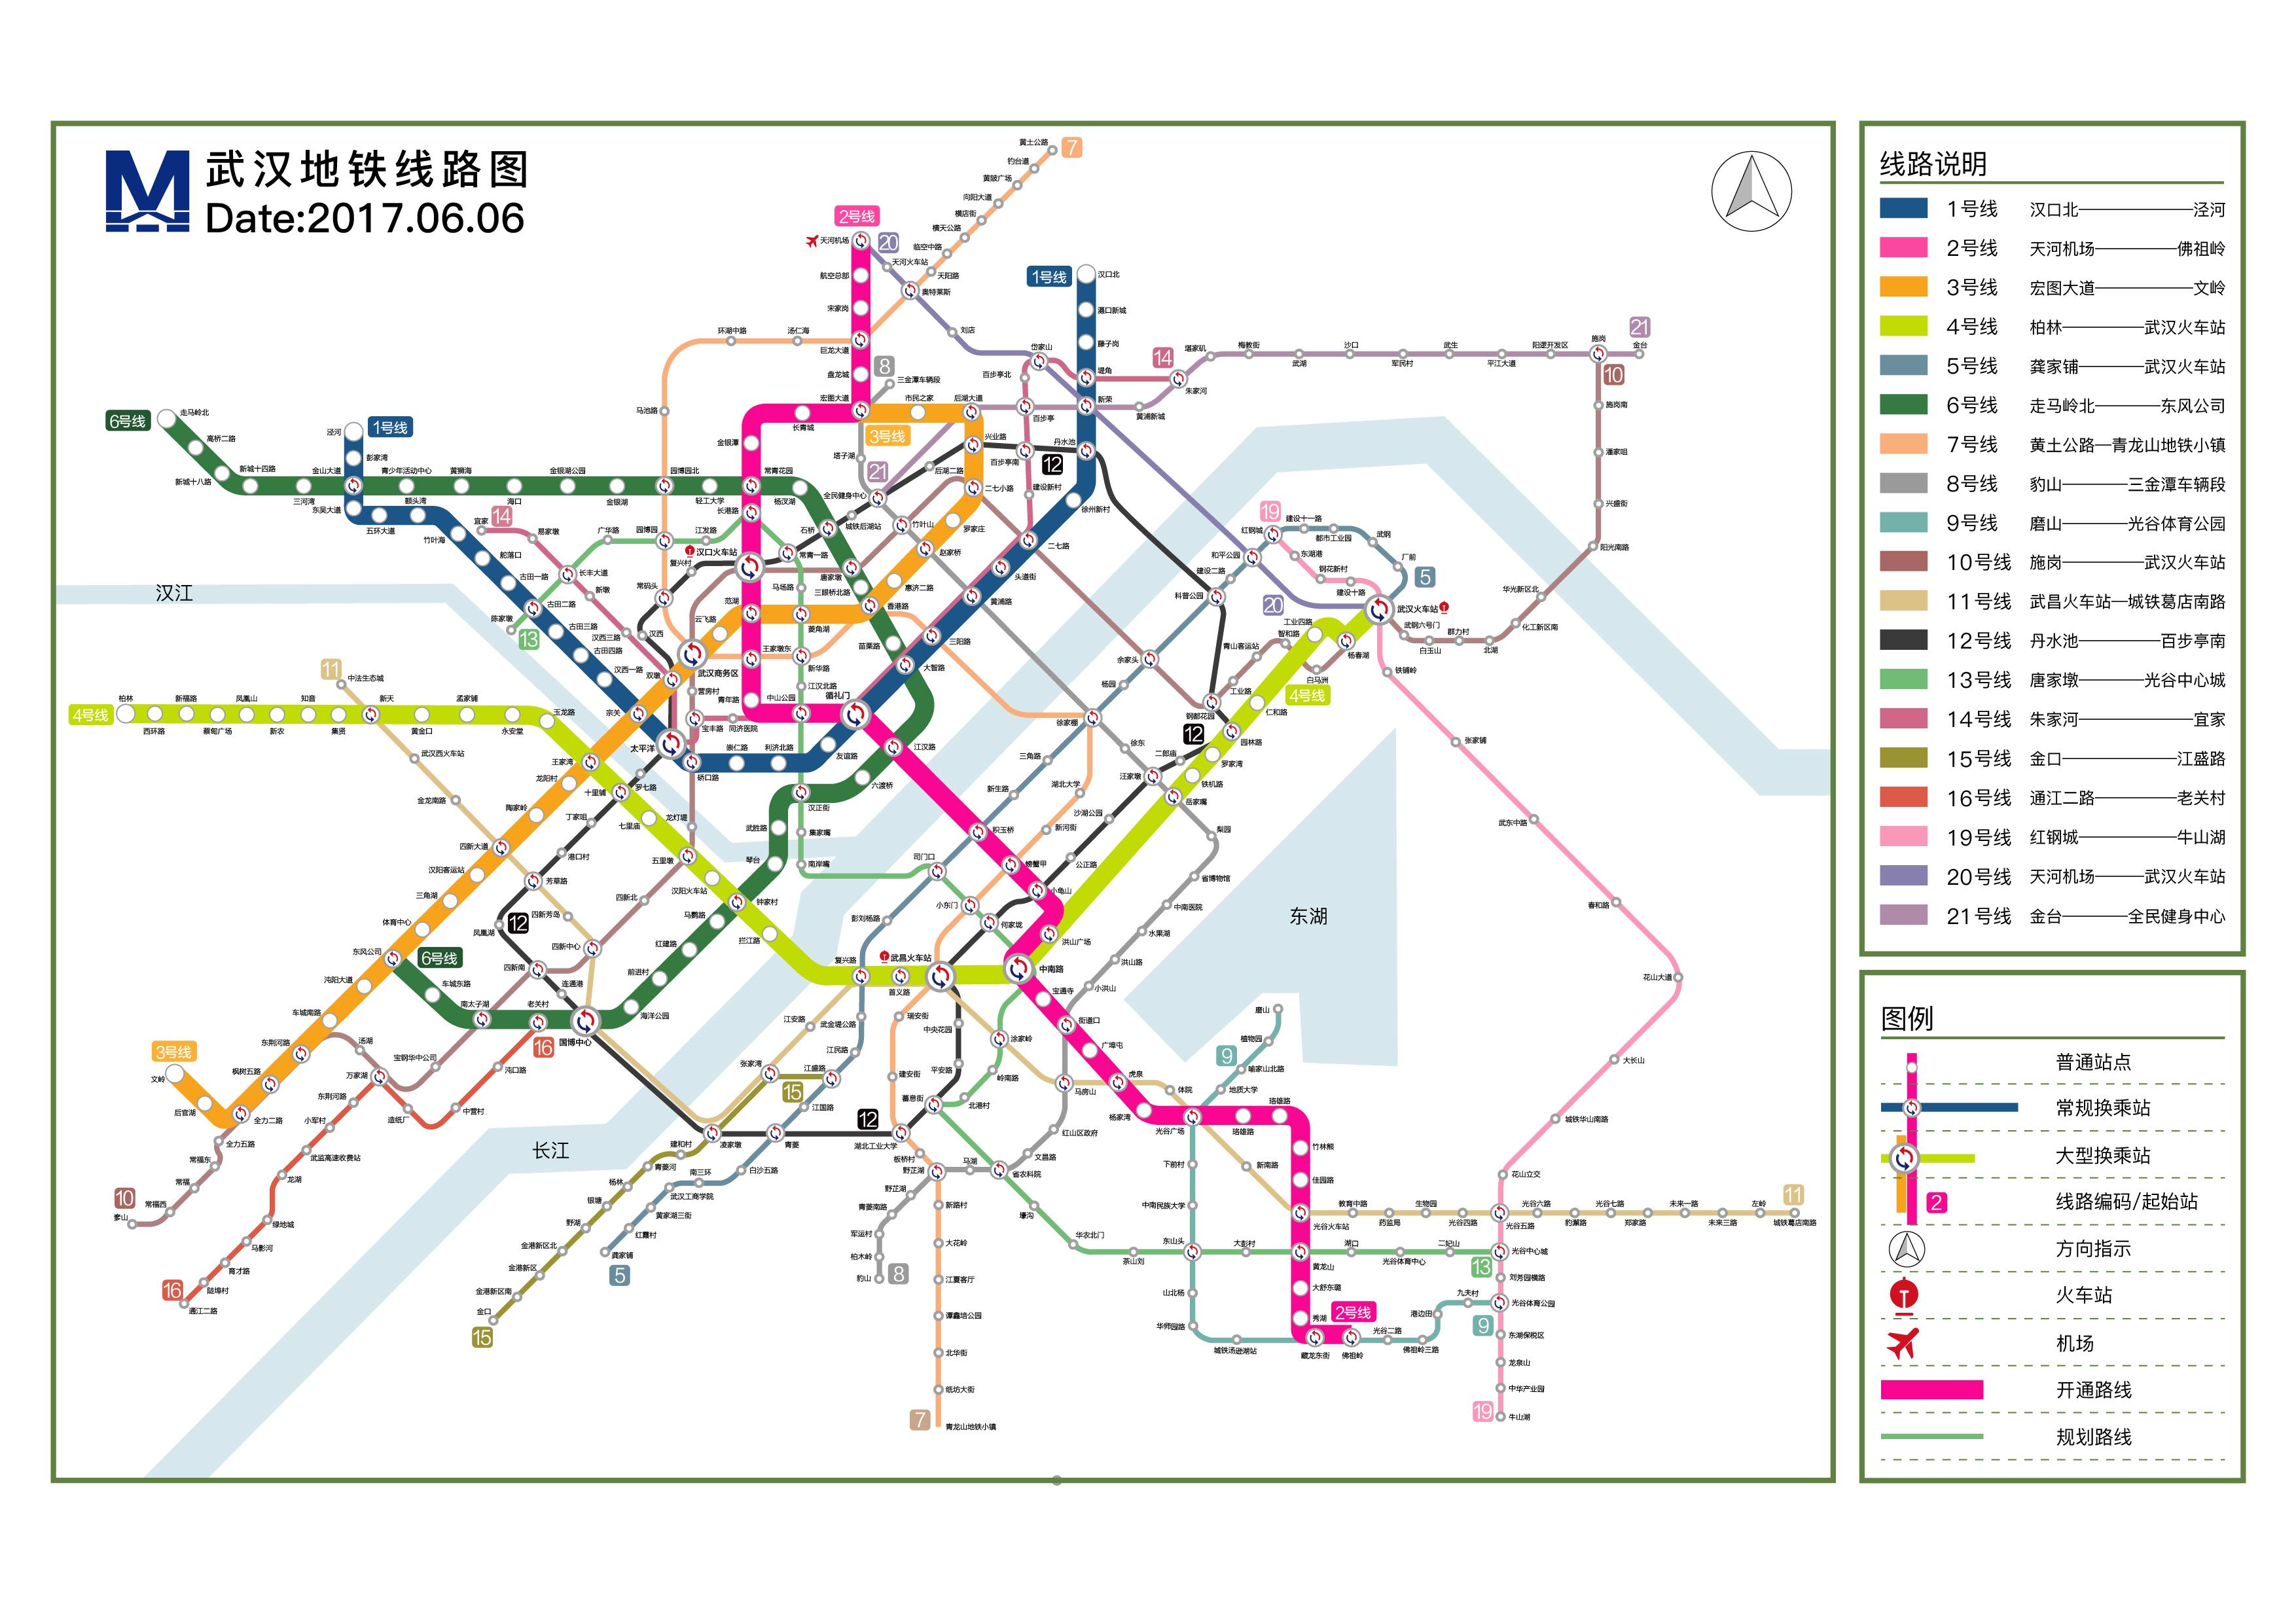 武汉地铁规划图高清_求武汉地铁规划图!要最新的详细的有13条线的清晰图!-